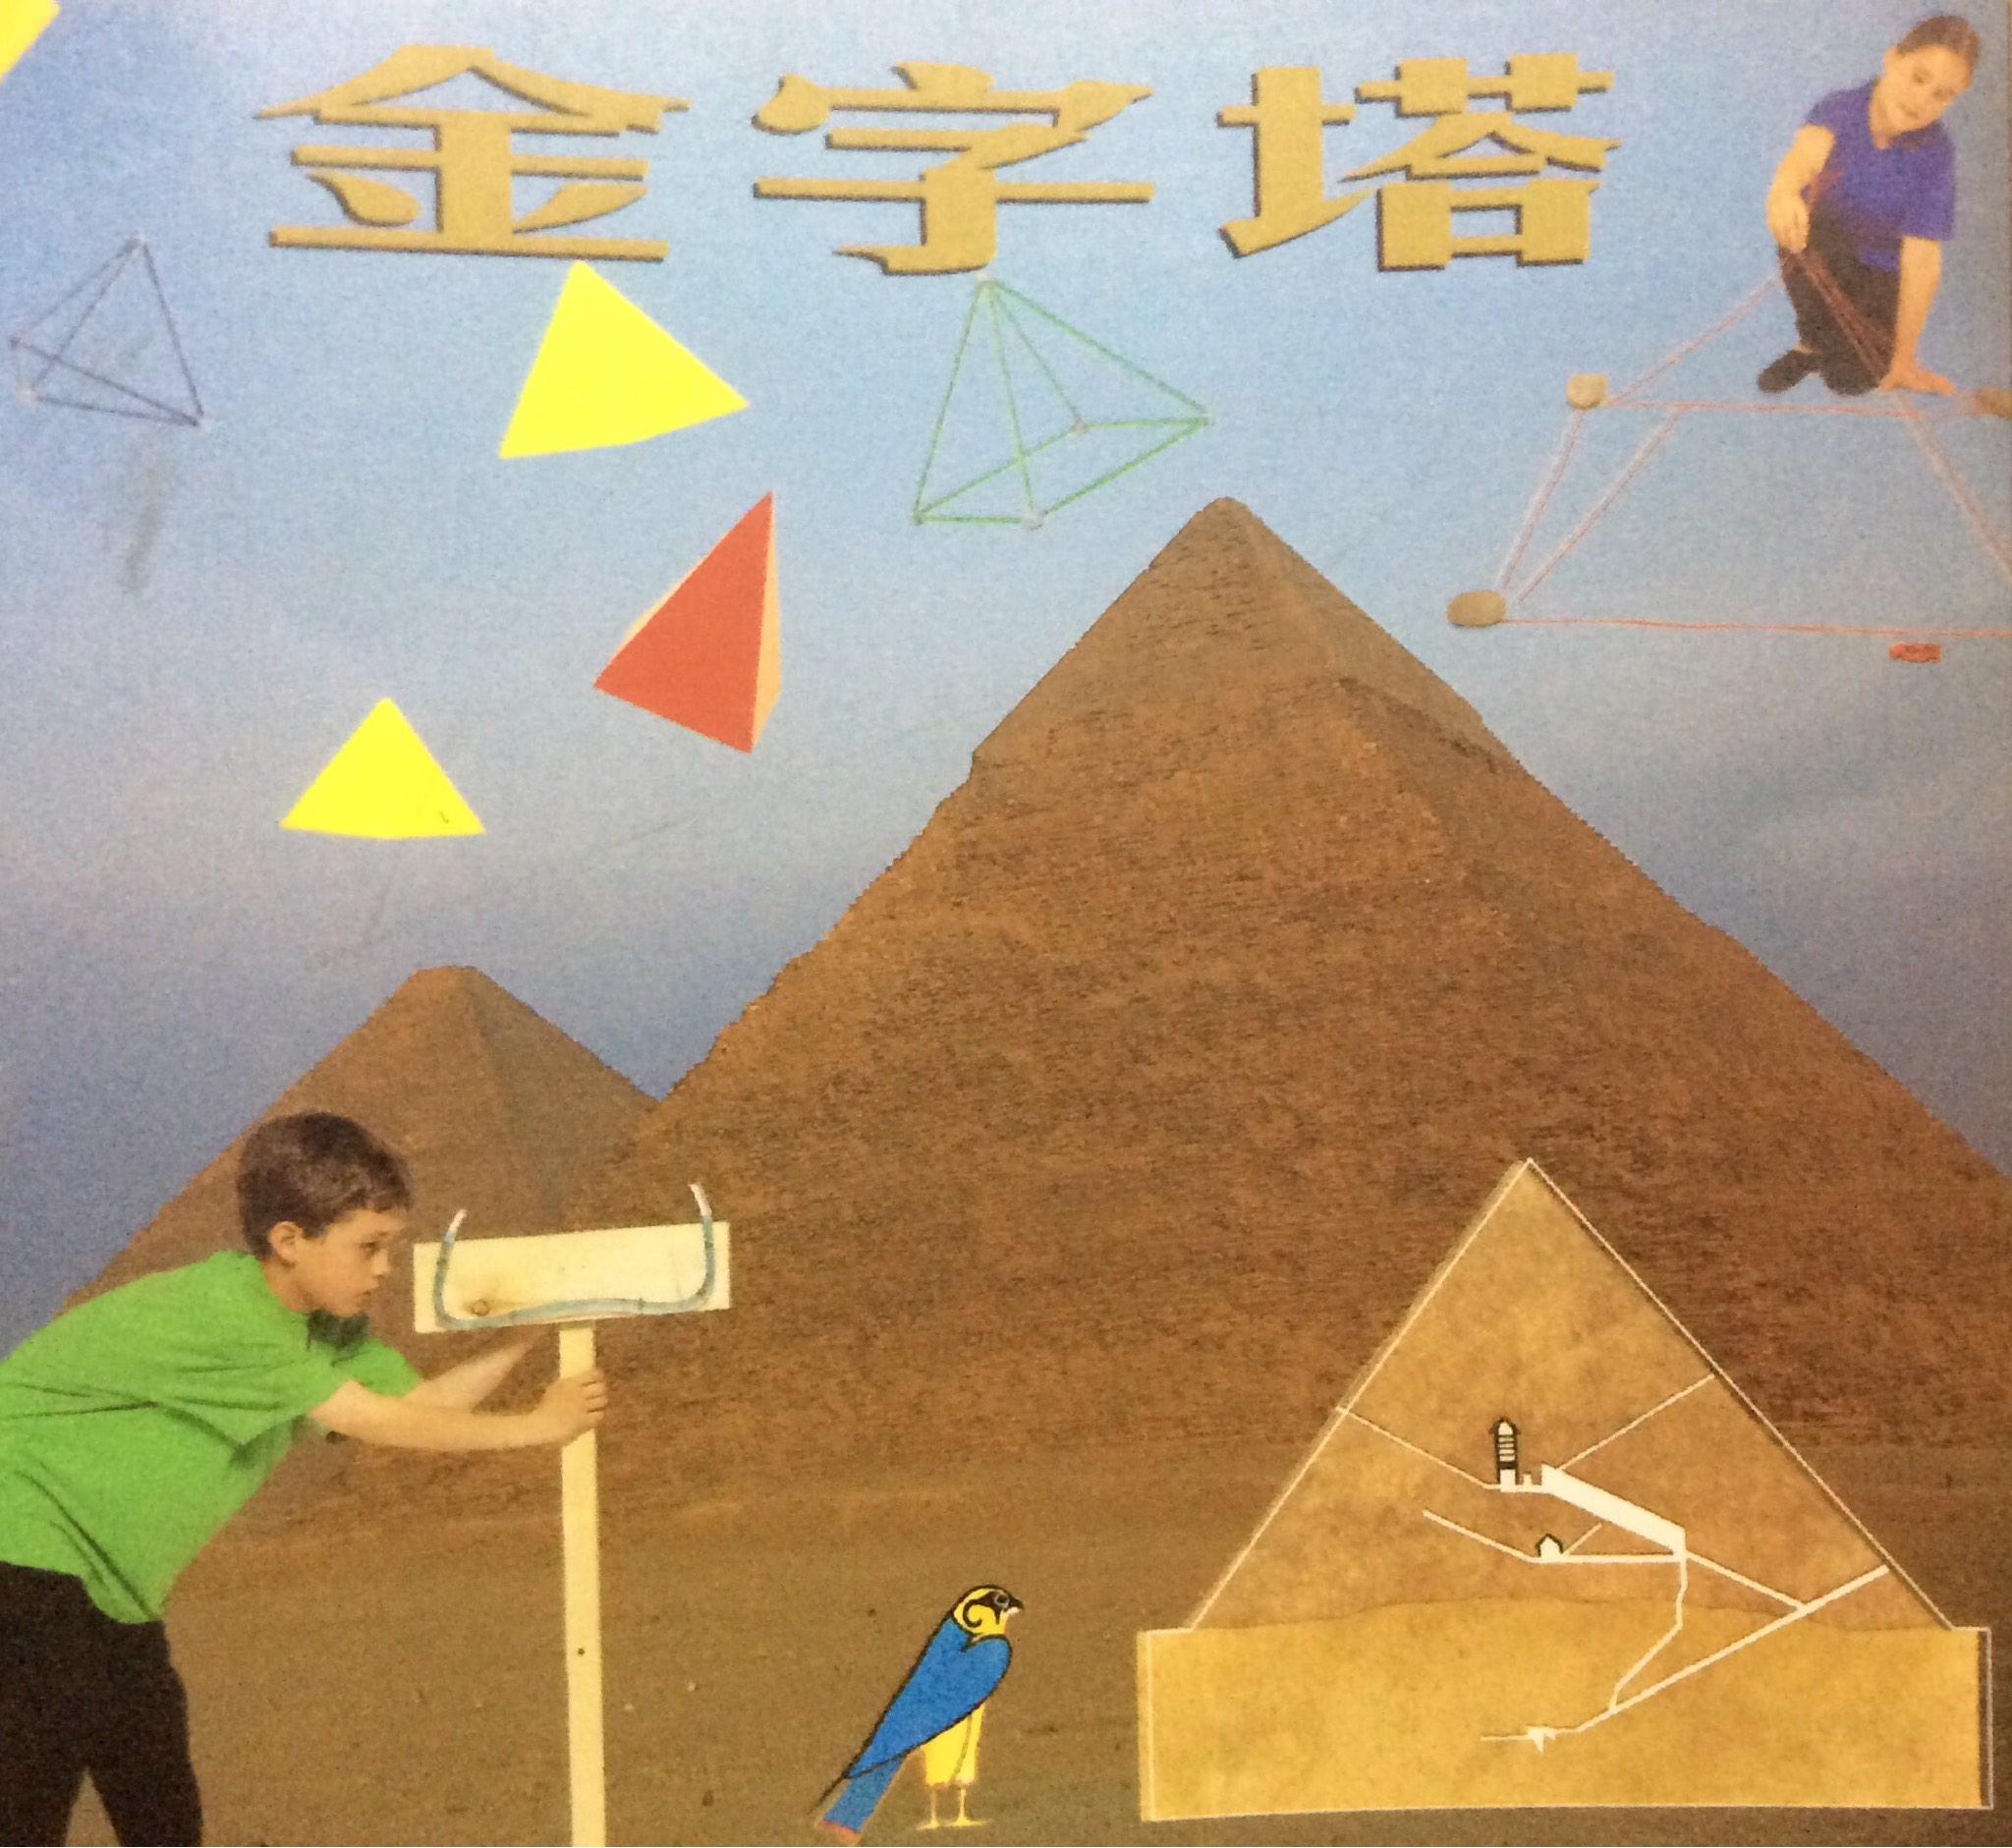 魔尺变球图解36节金字塔